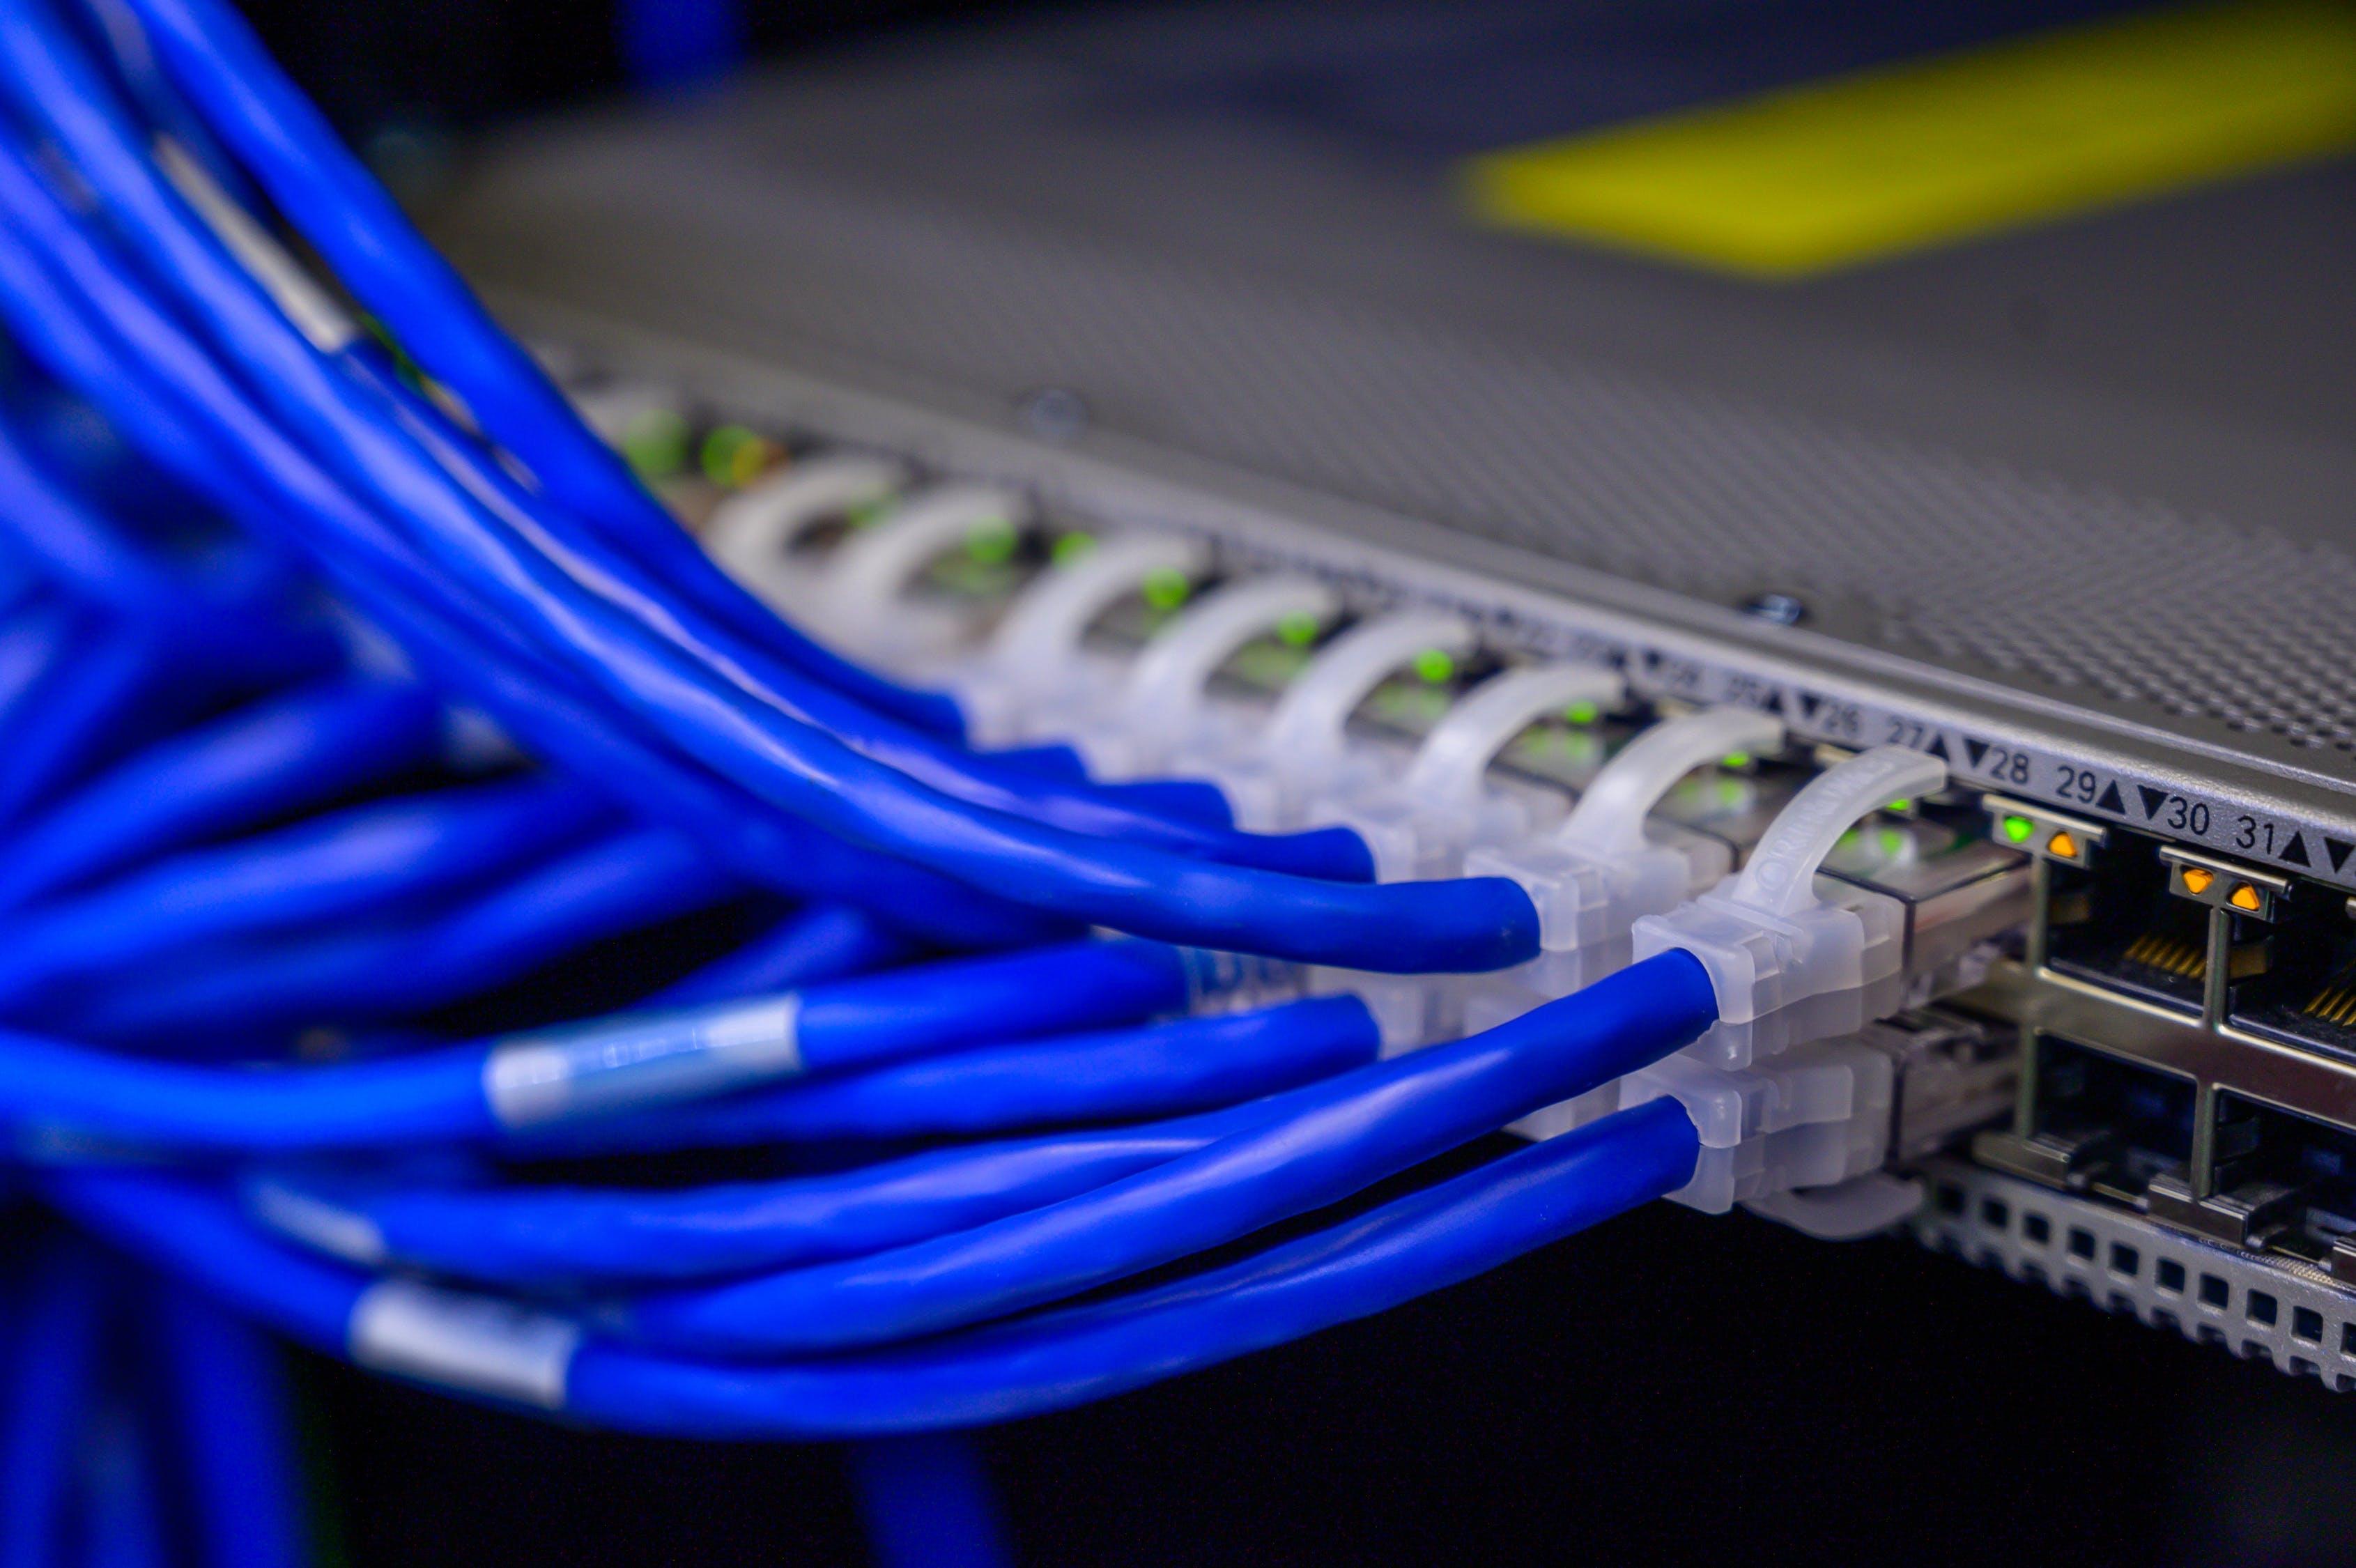 普通人上网也受影响?芯片短缺波及路由器市场